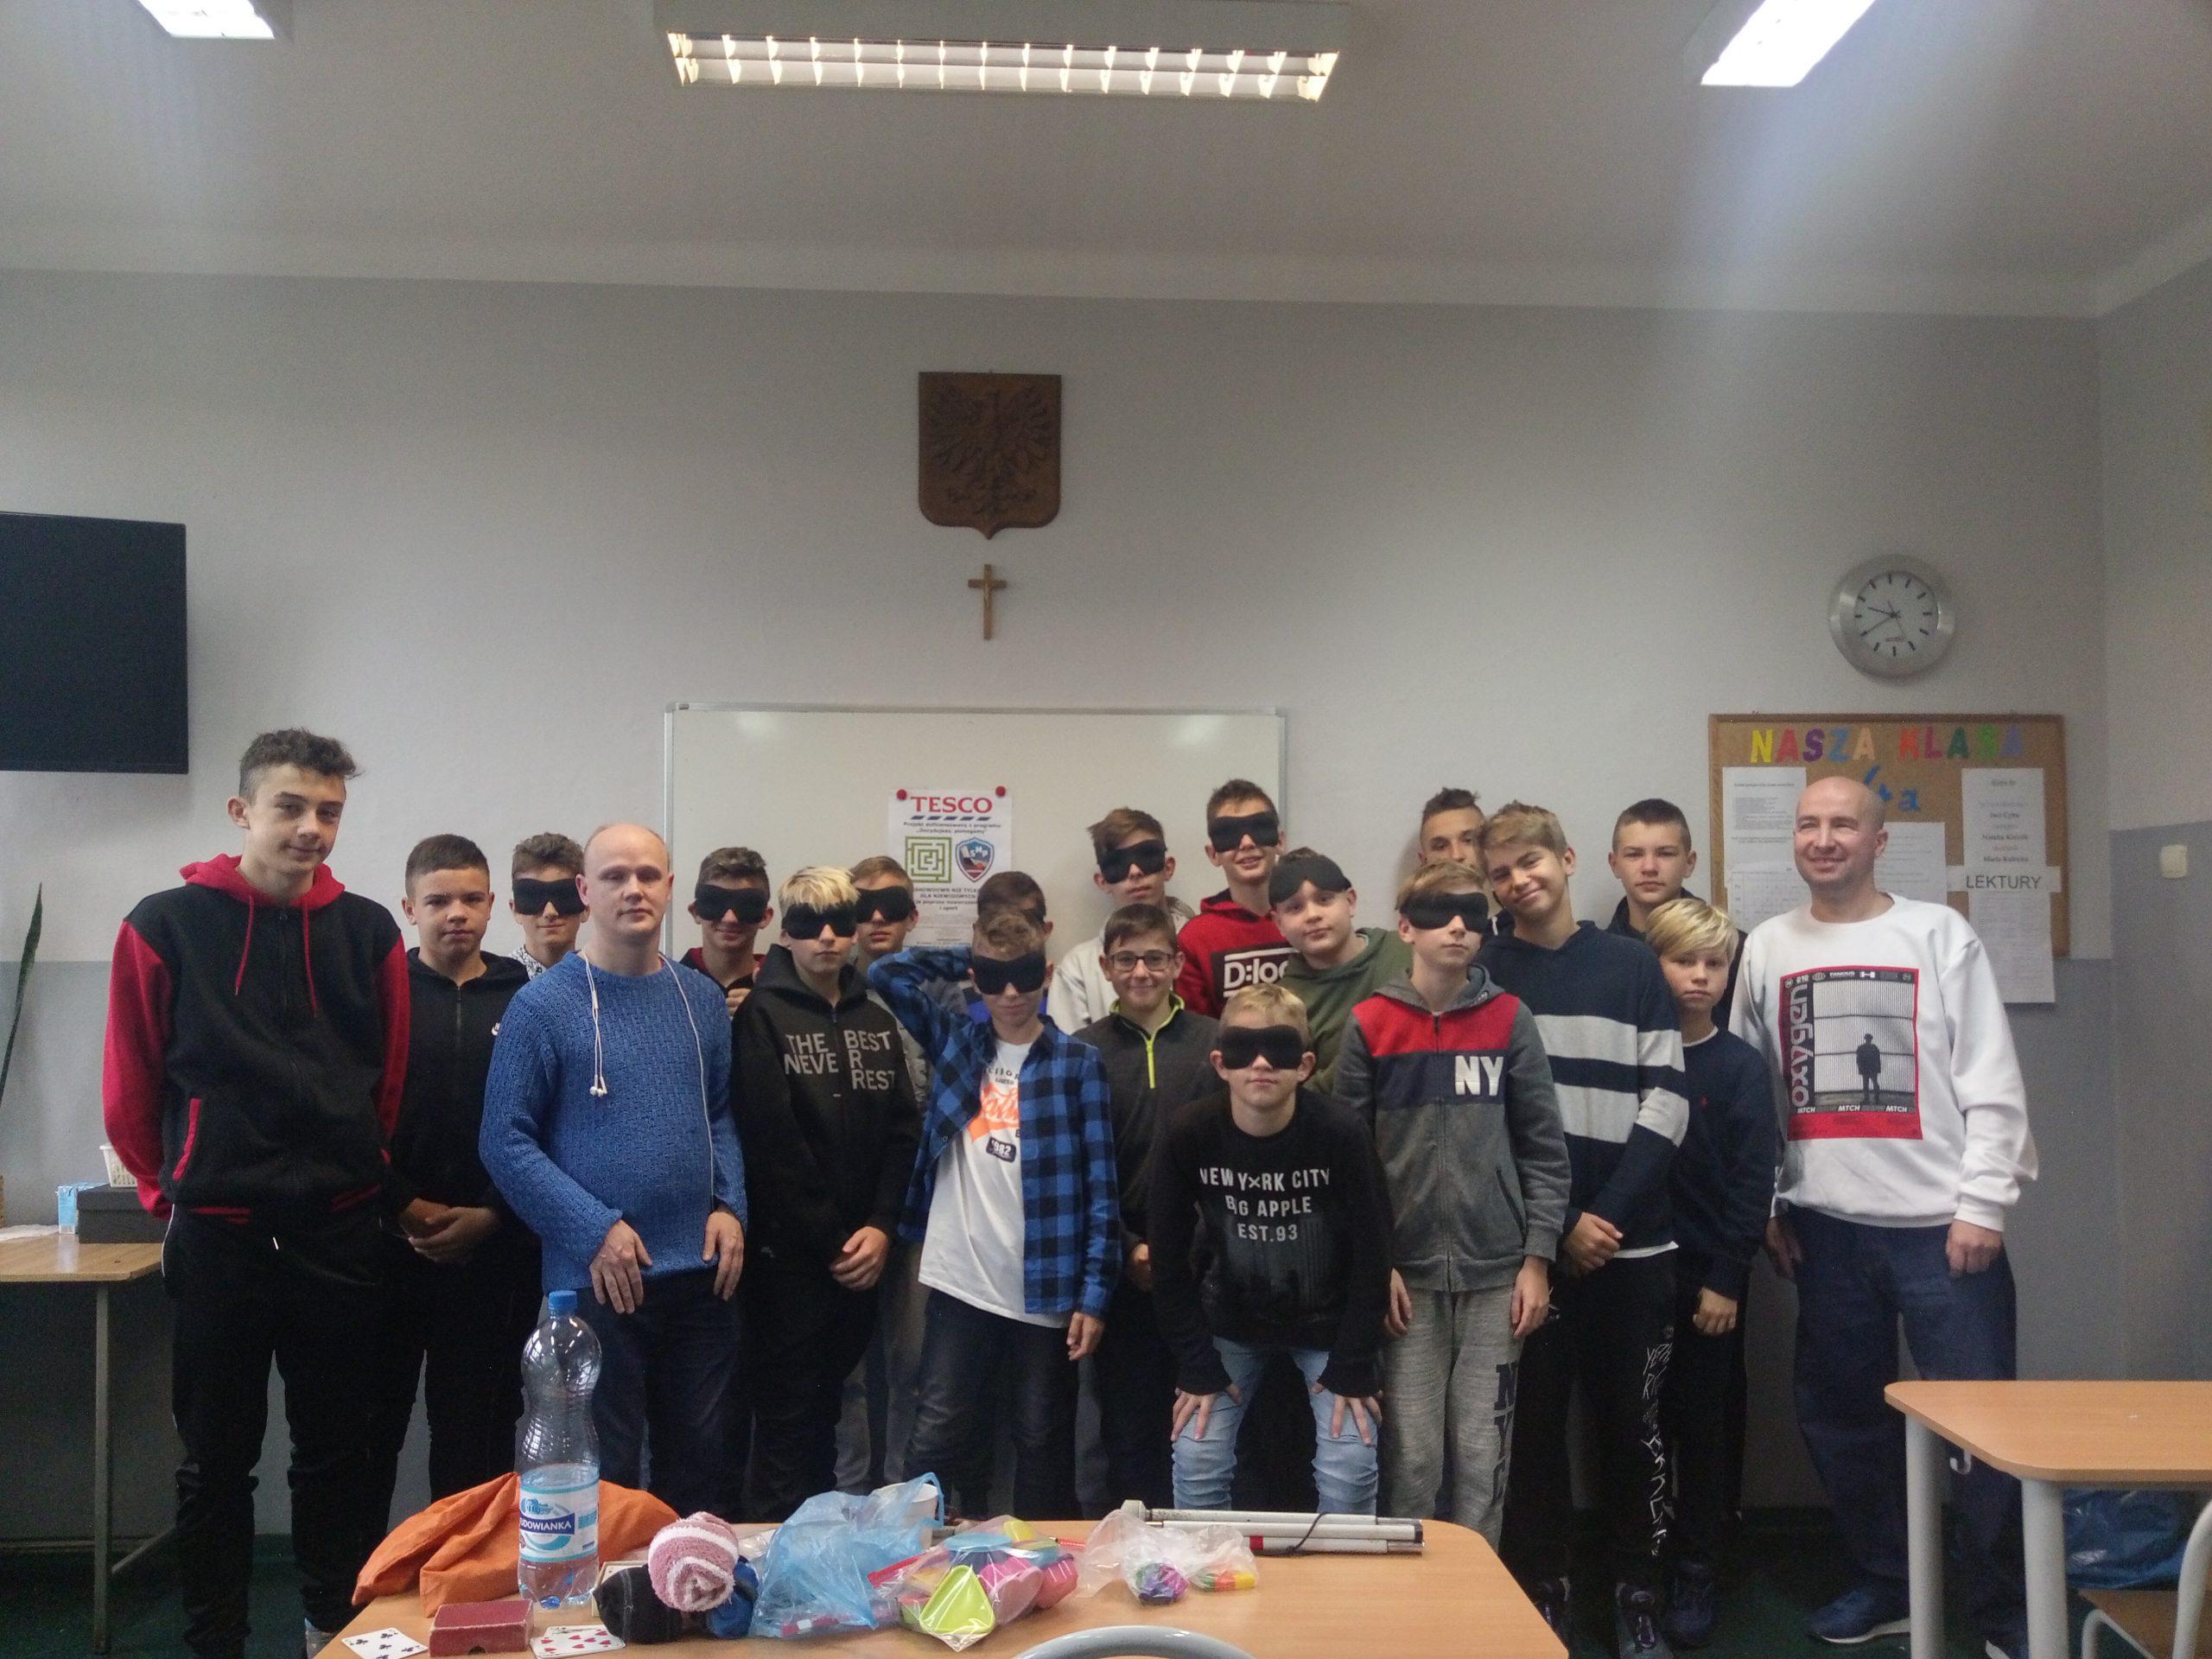 Zdjęcie grupowe - cała klasa uczniów ustawiona, część z nich ma zasłonięte oczy. Wśród uczniów jest Mariusz i Sławek.